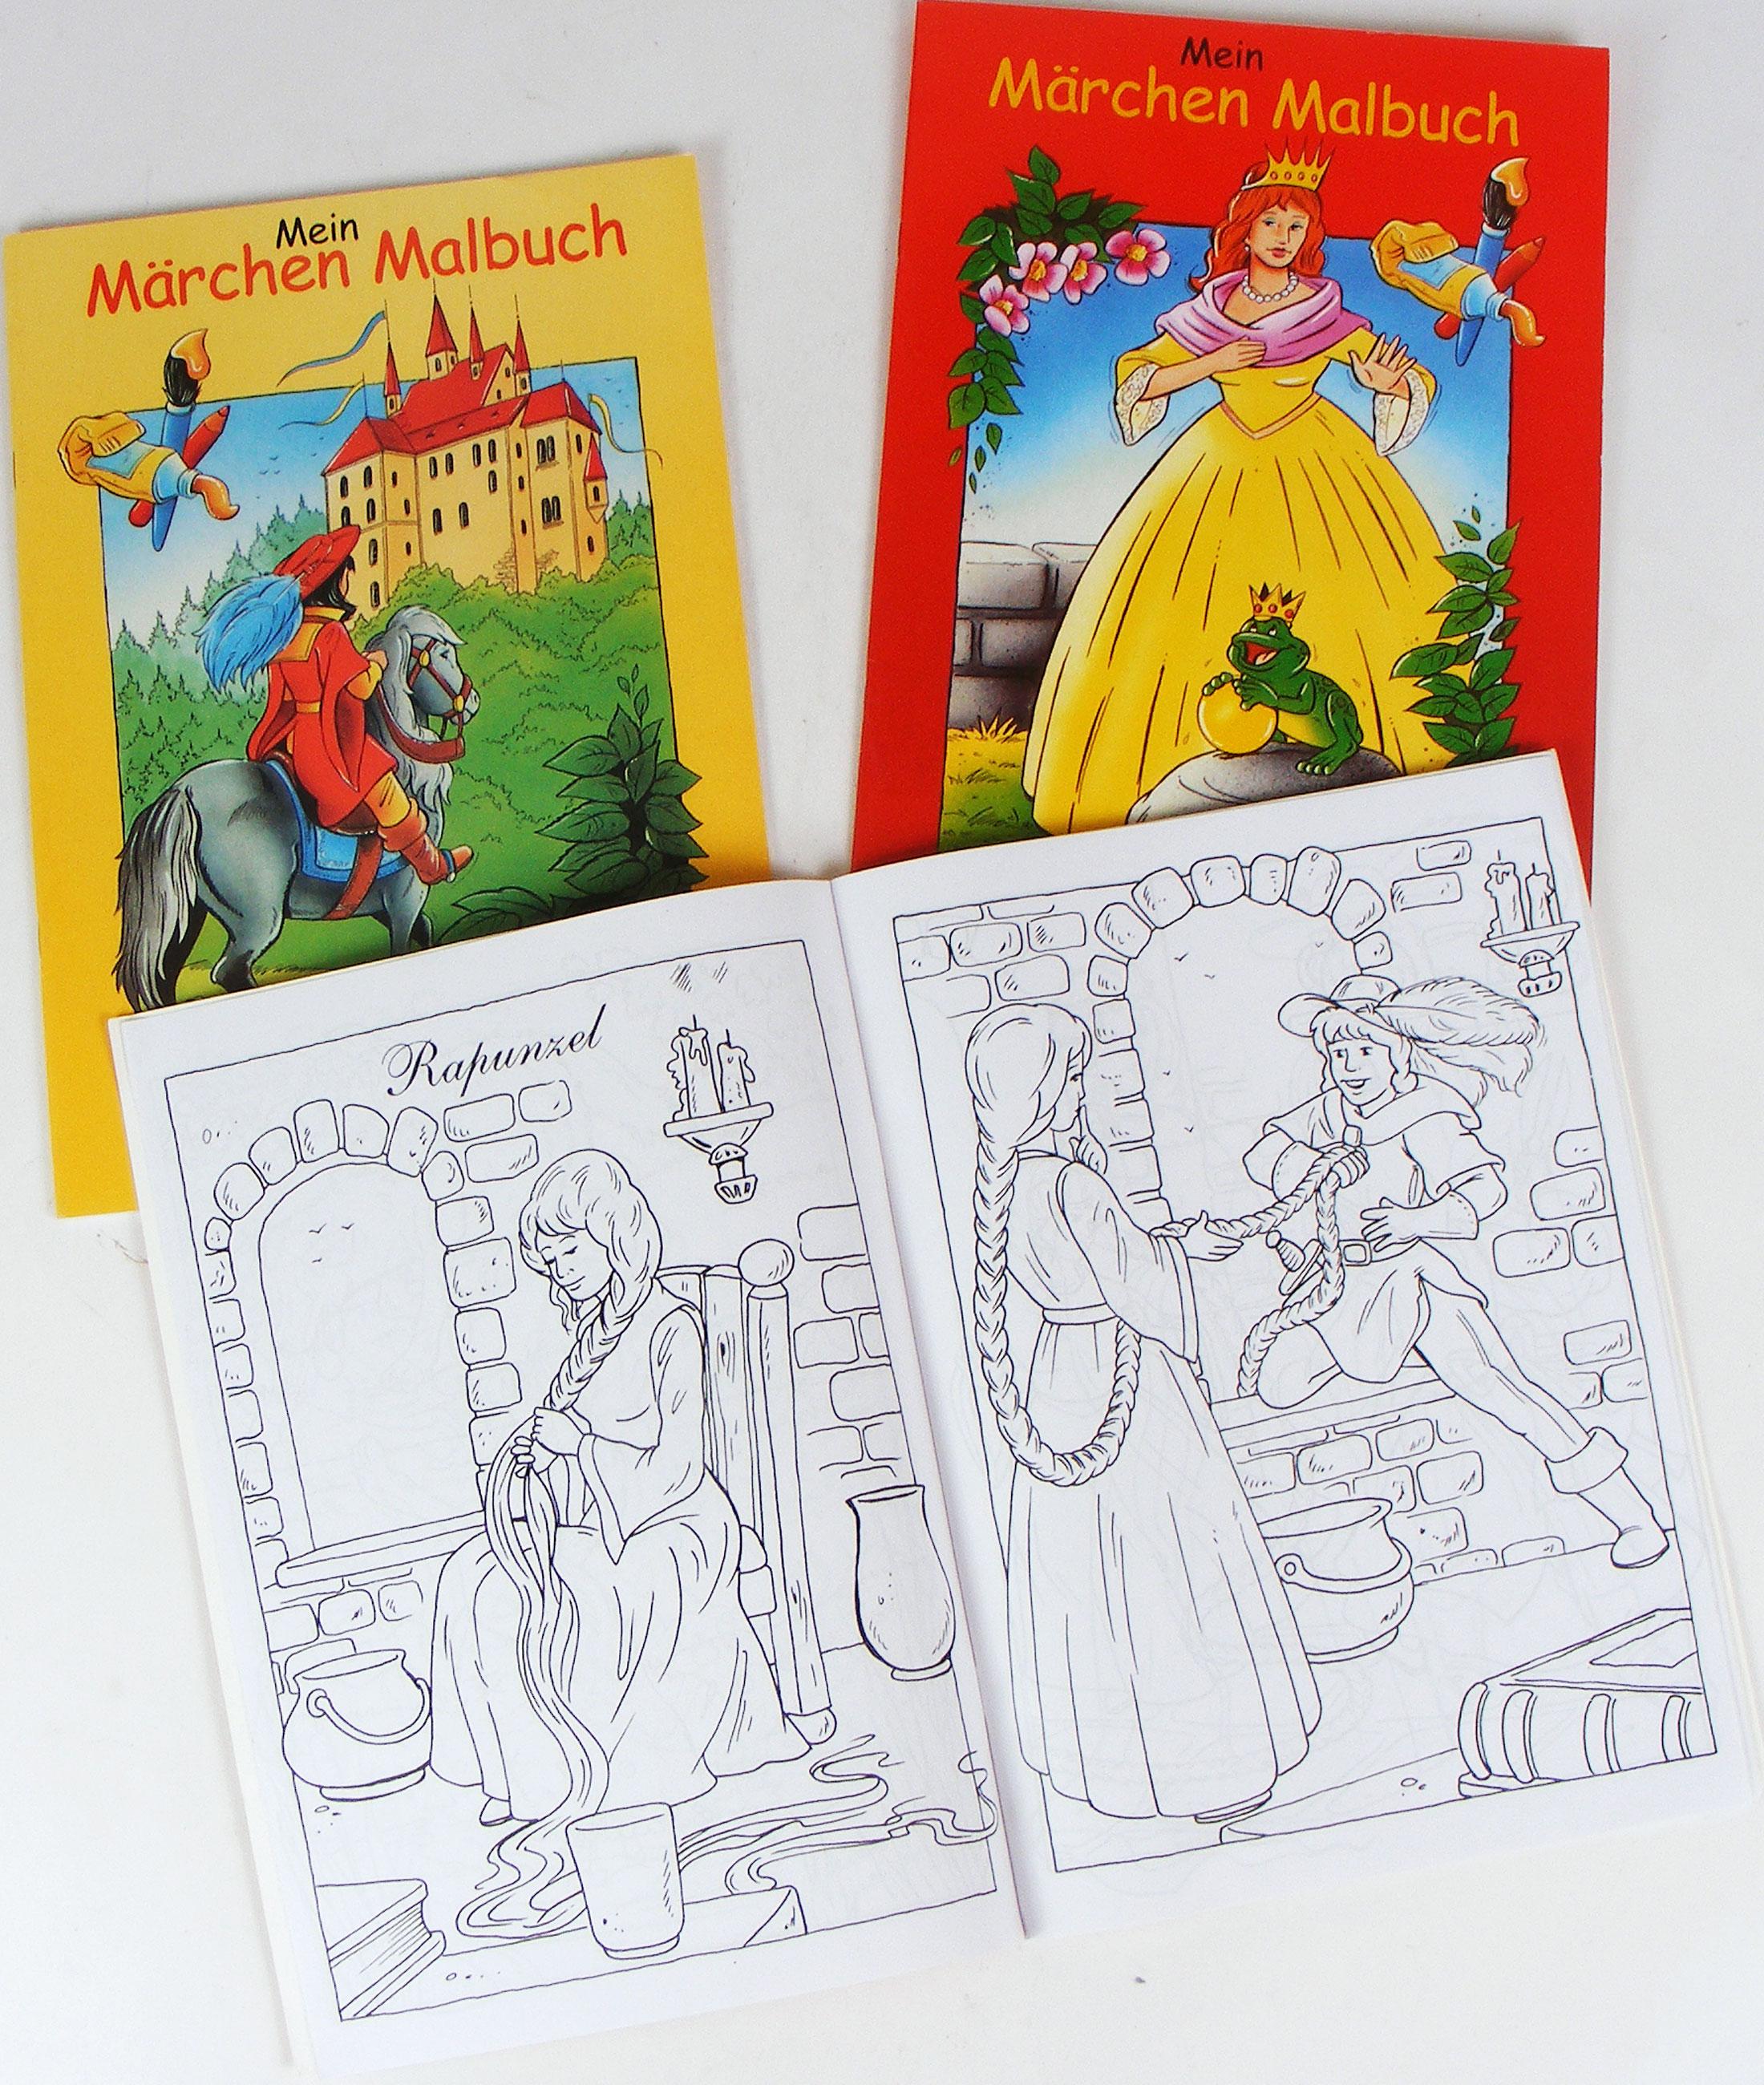 Mein Märchen Malbuch Ausmalheft A4 64 Seiten - Gebrüder Grimm